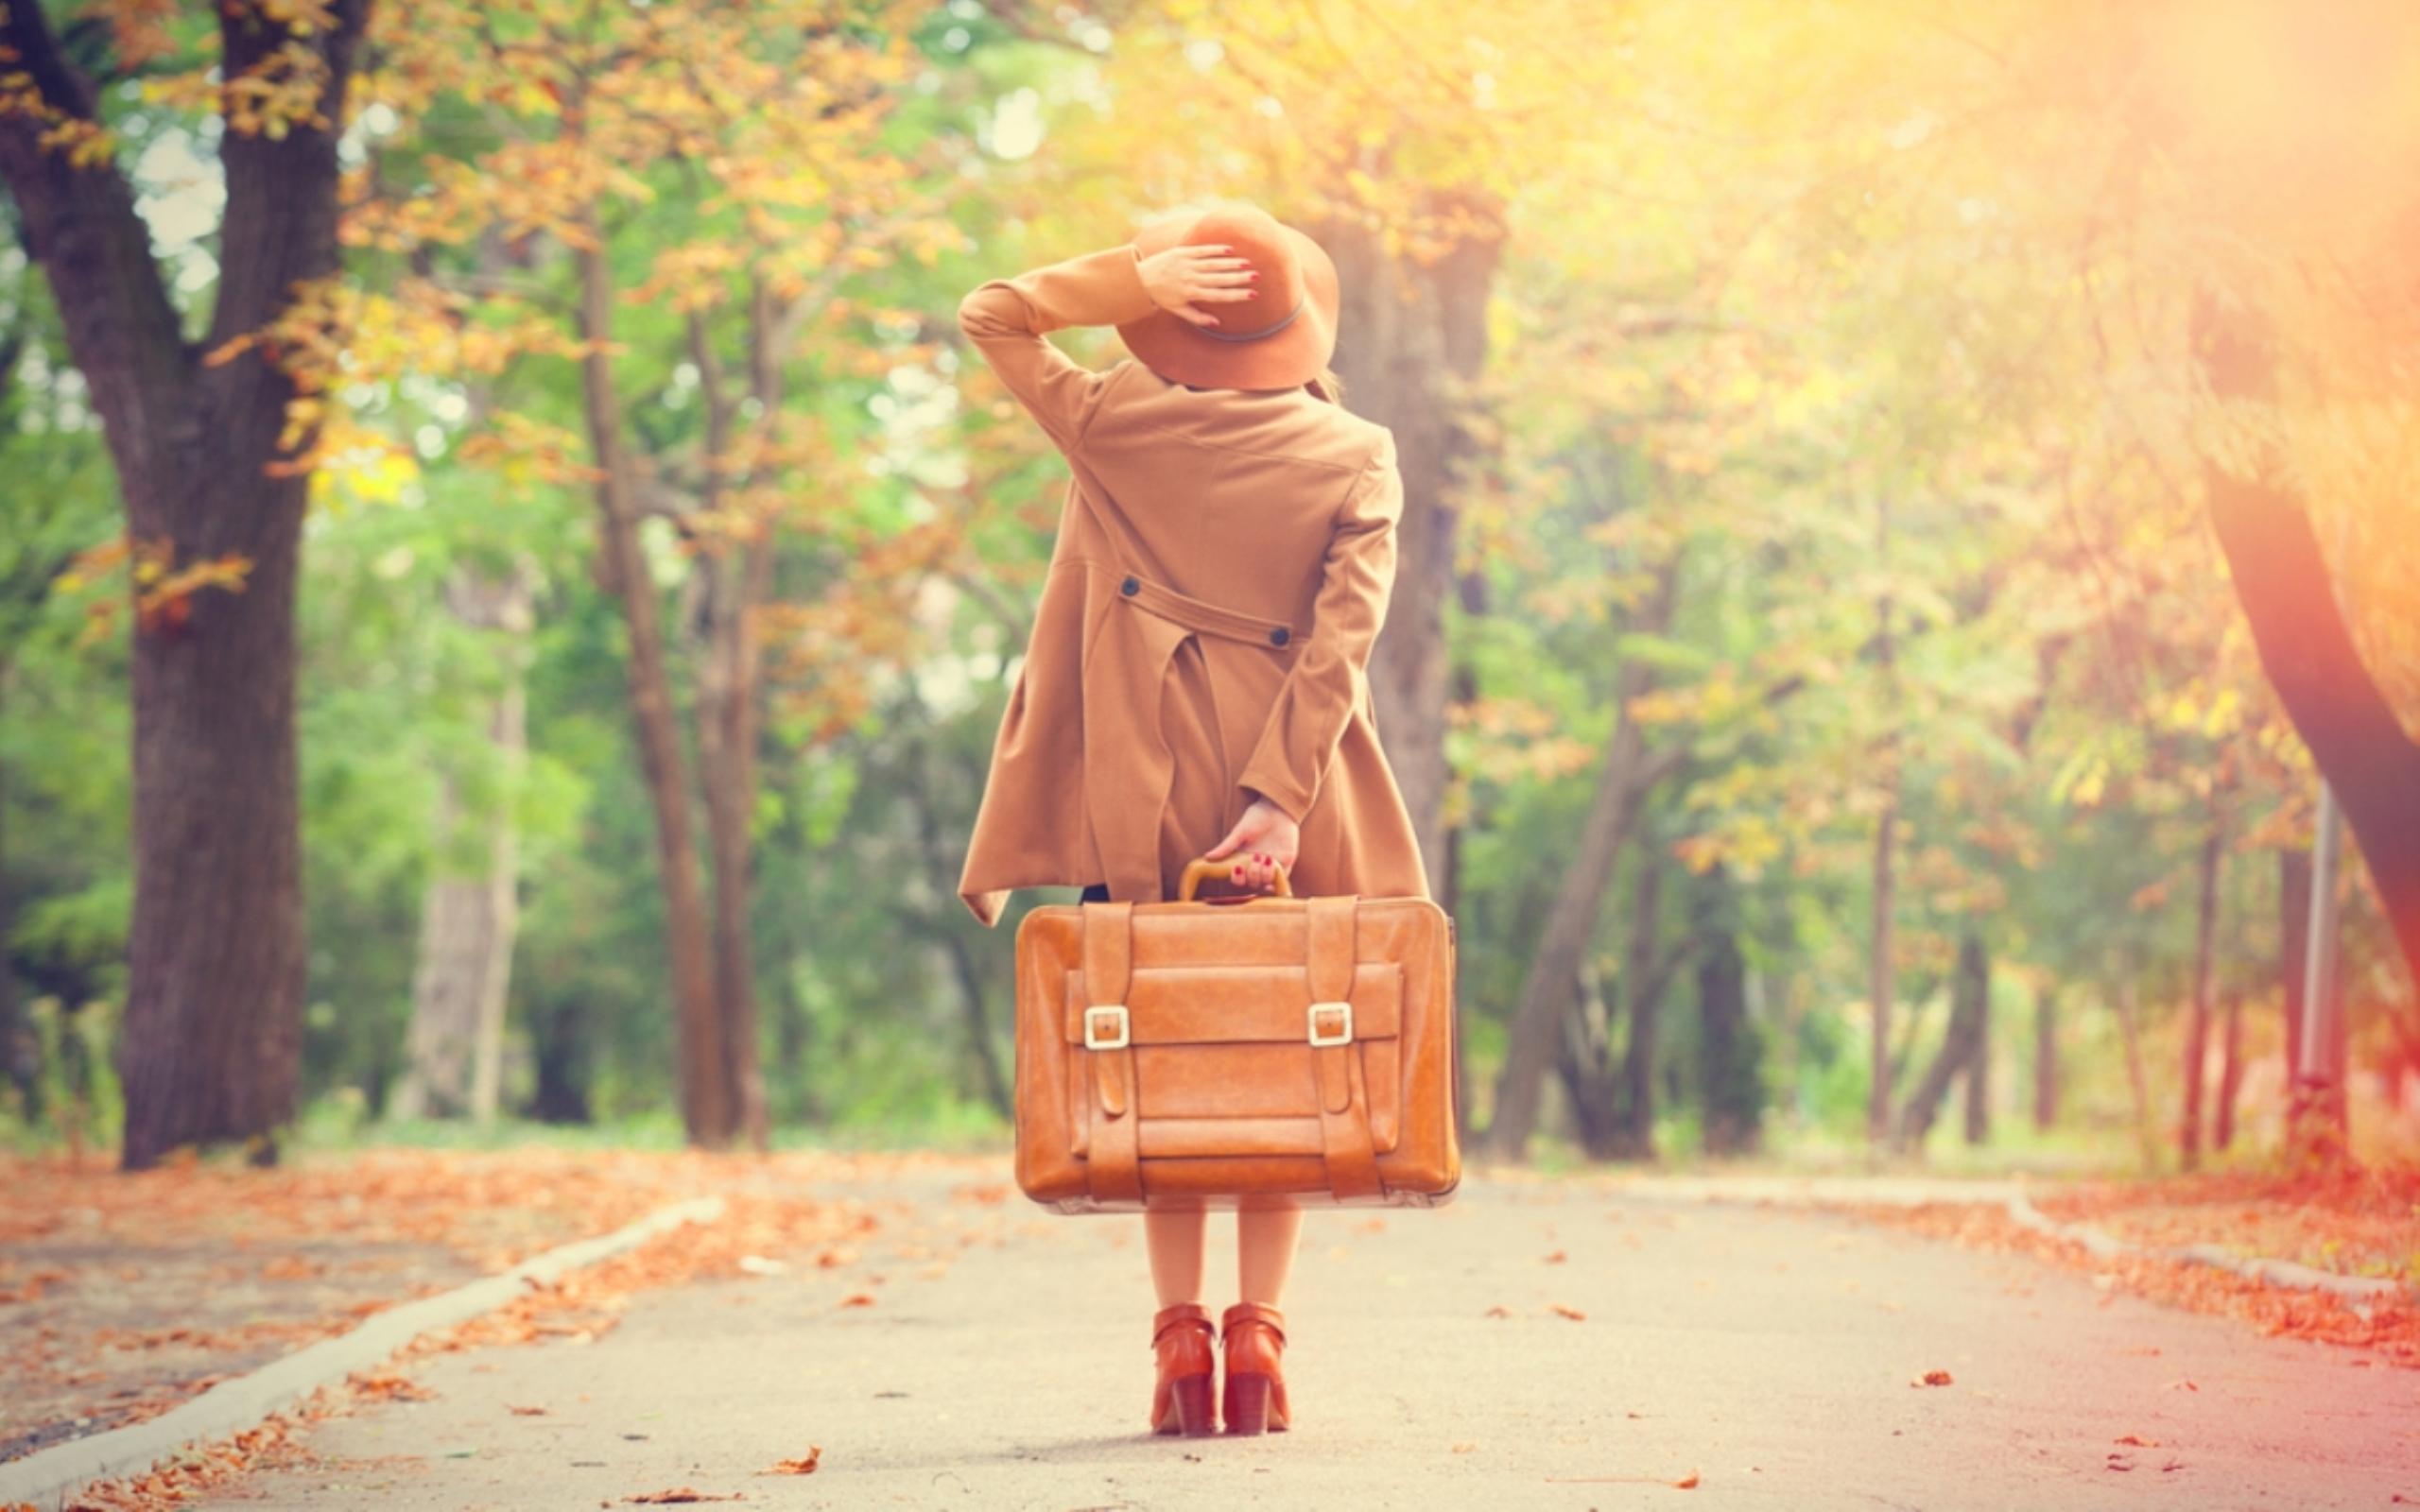 از سفر کردن نترسید؛ راهکارهایی برای تنها سفر کردن